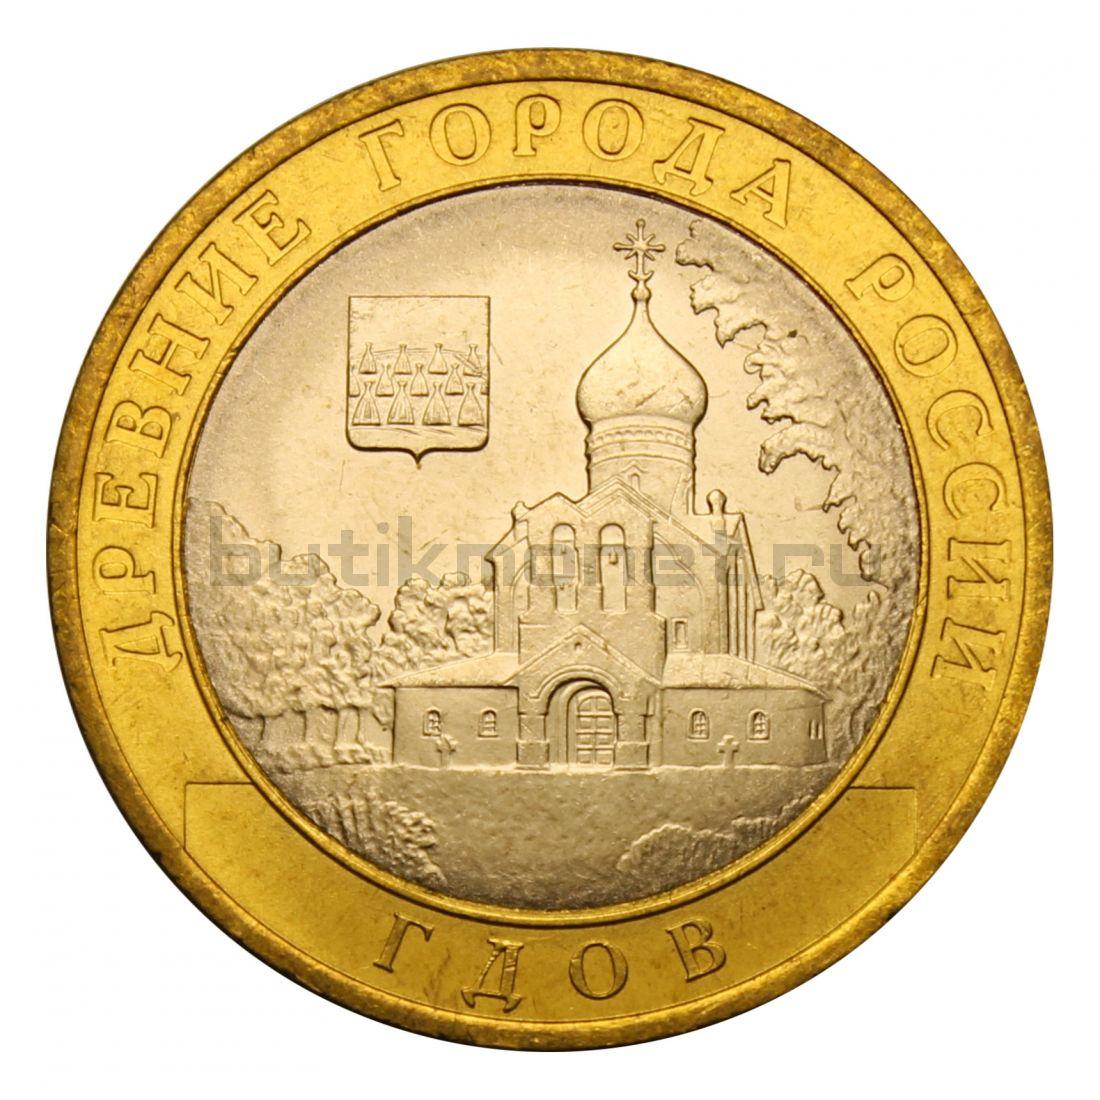 10 рублей 2007 СПМД Гдов (Древние города России) UNC